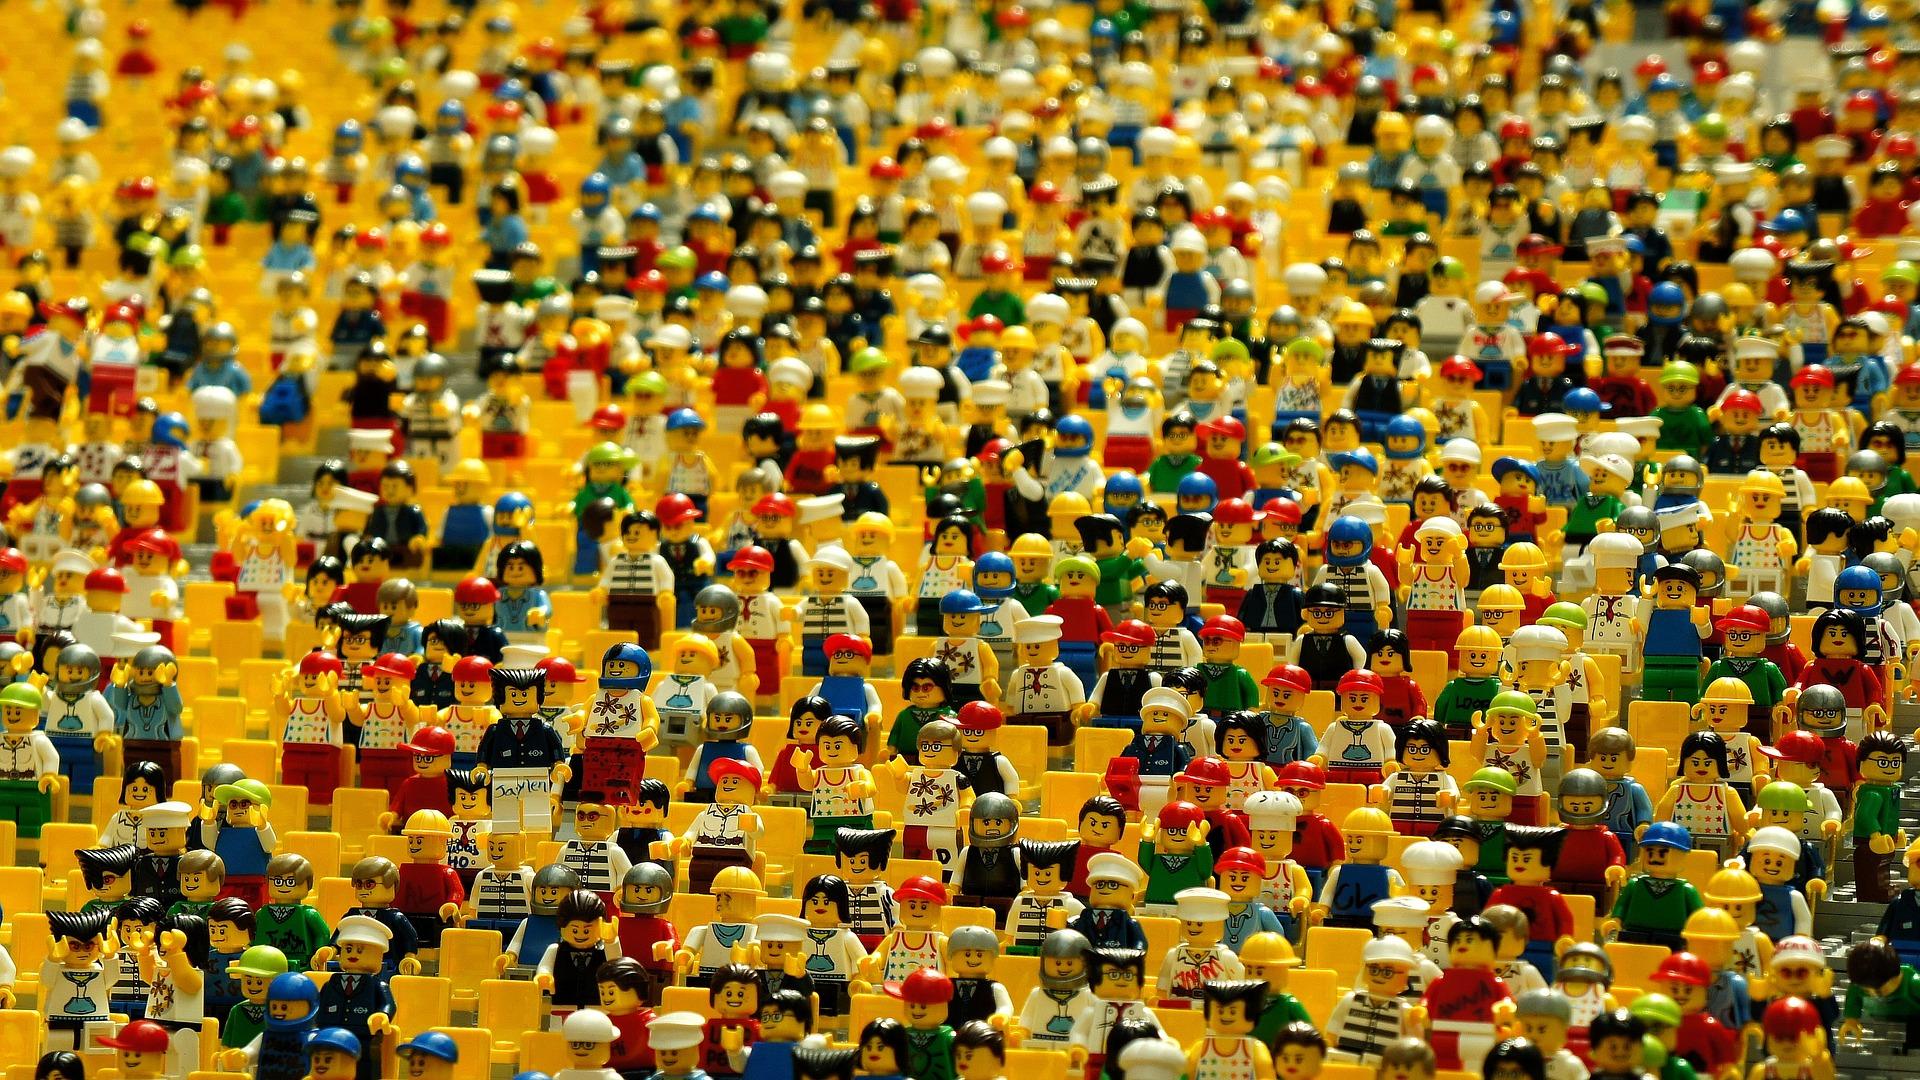 Sumber :https://pixabay.com/id/photos/lego-mainan-patung-kerumunan-1044891/